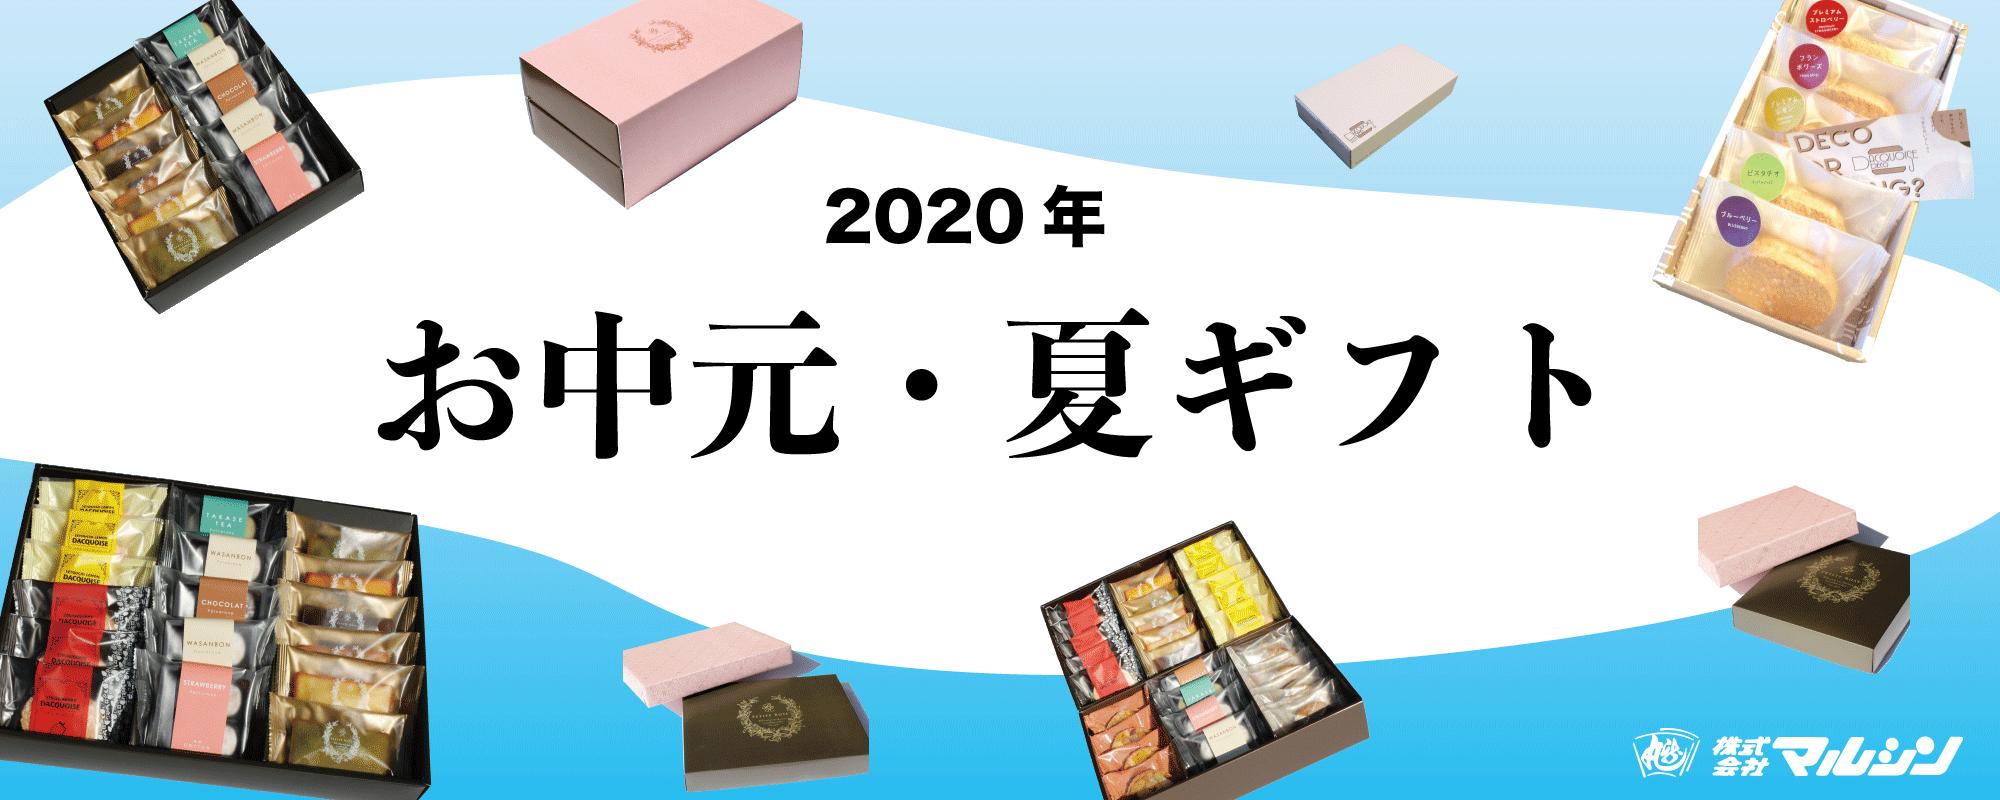 【2020年】お中元・夏ギフトのご紹介(株式会社マルシン)